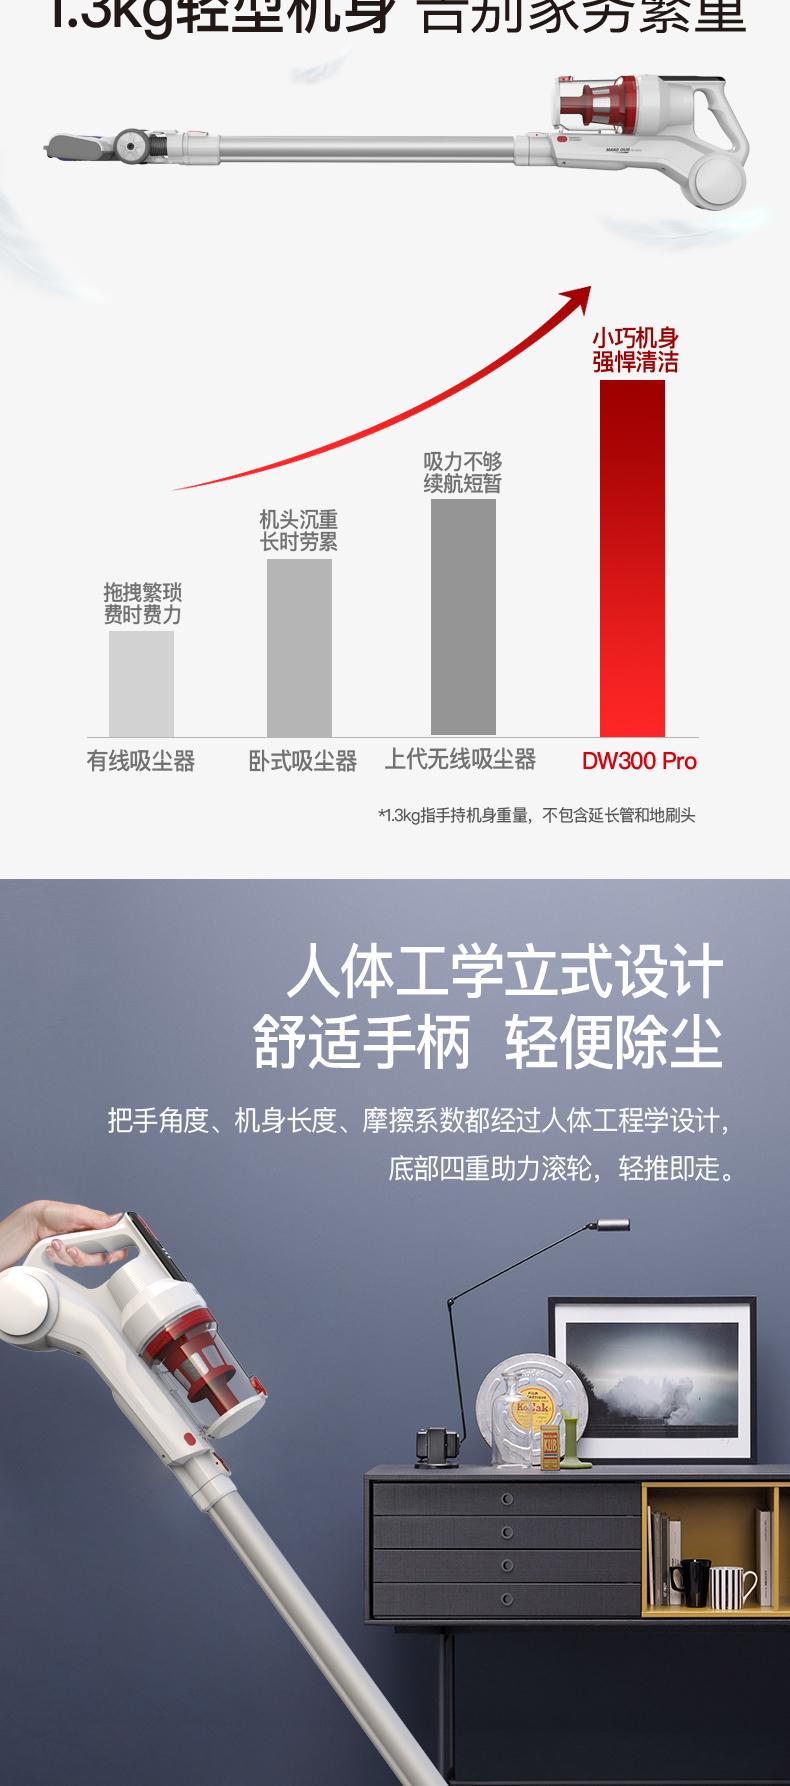 images-DW300_02